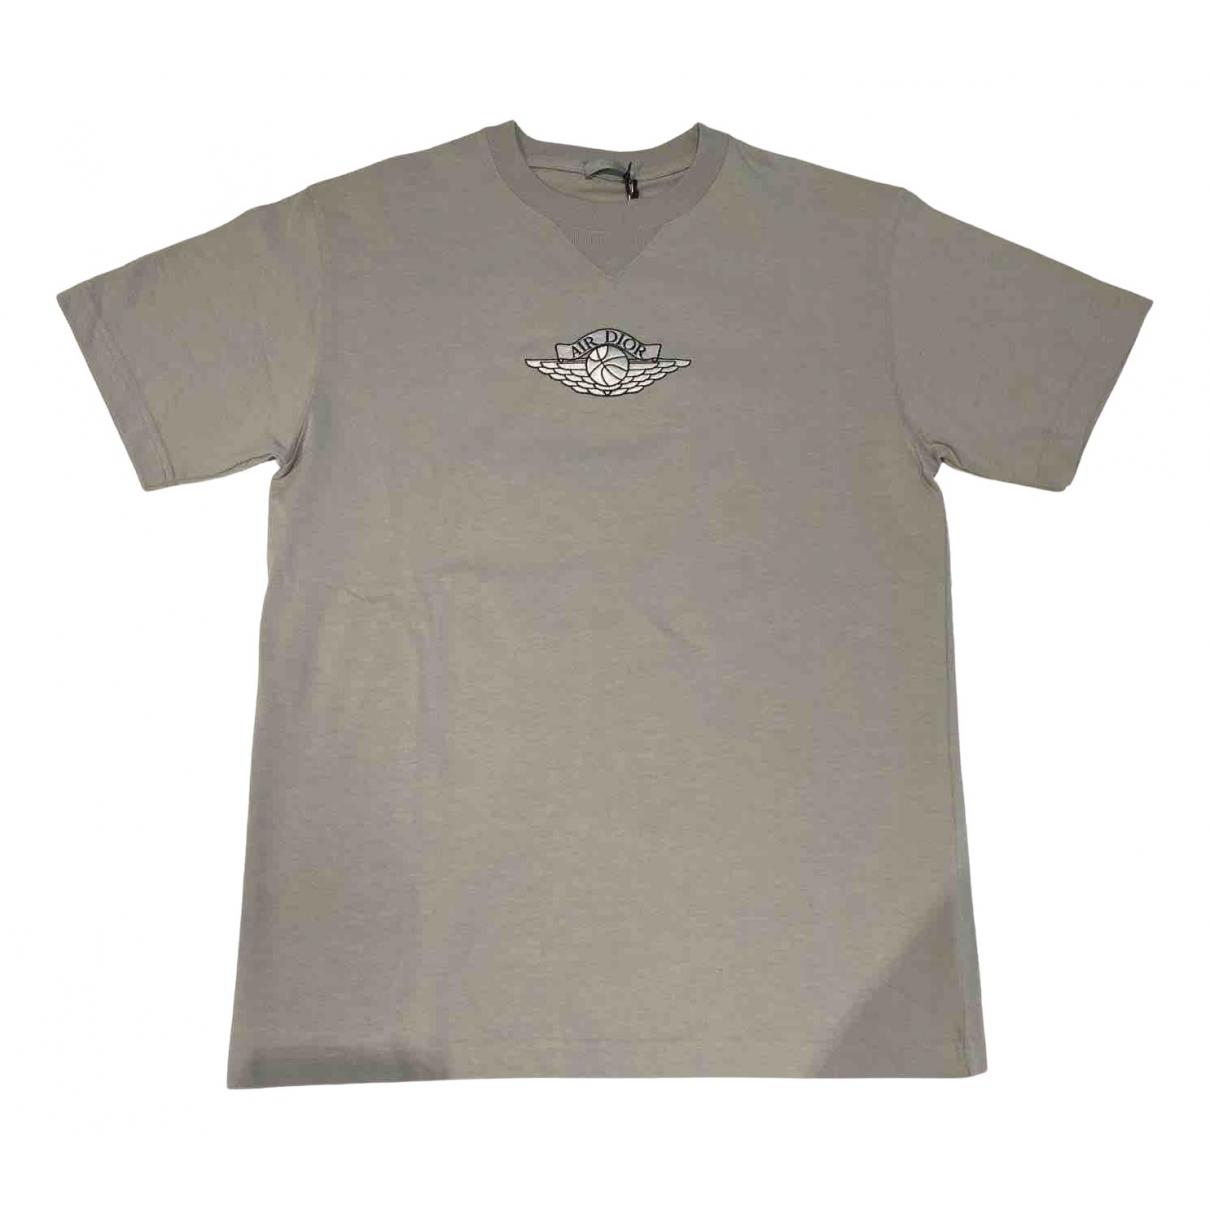 Jordan X Dior - Tee shirts   pour homme en coton - gris